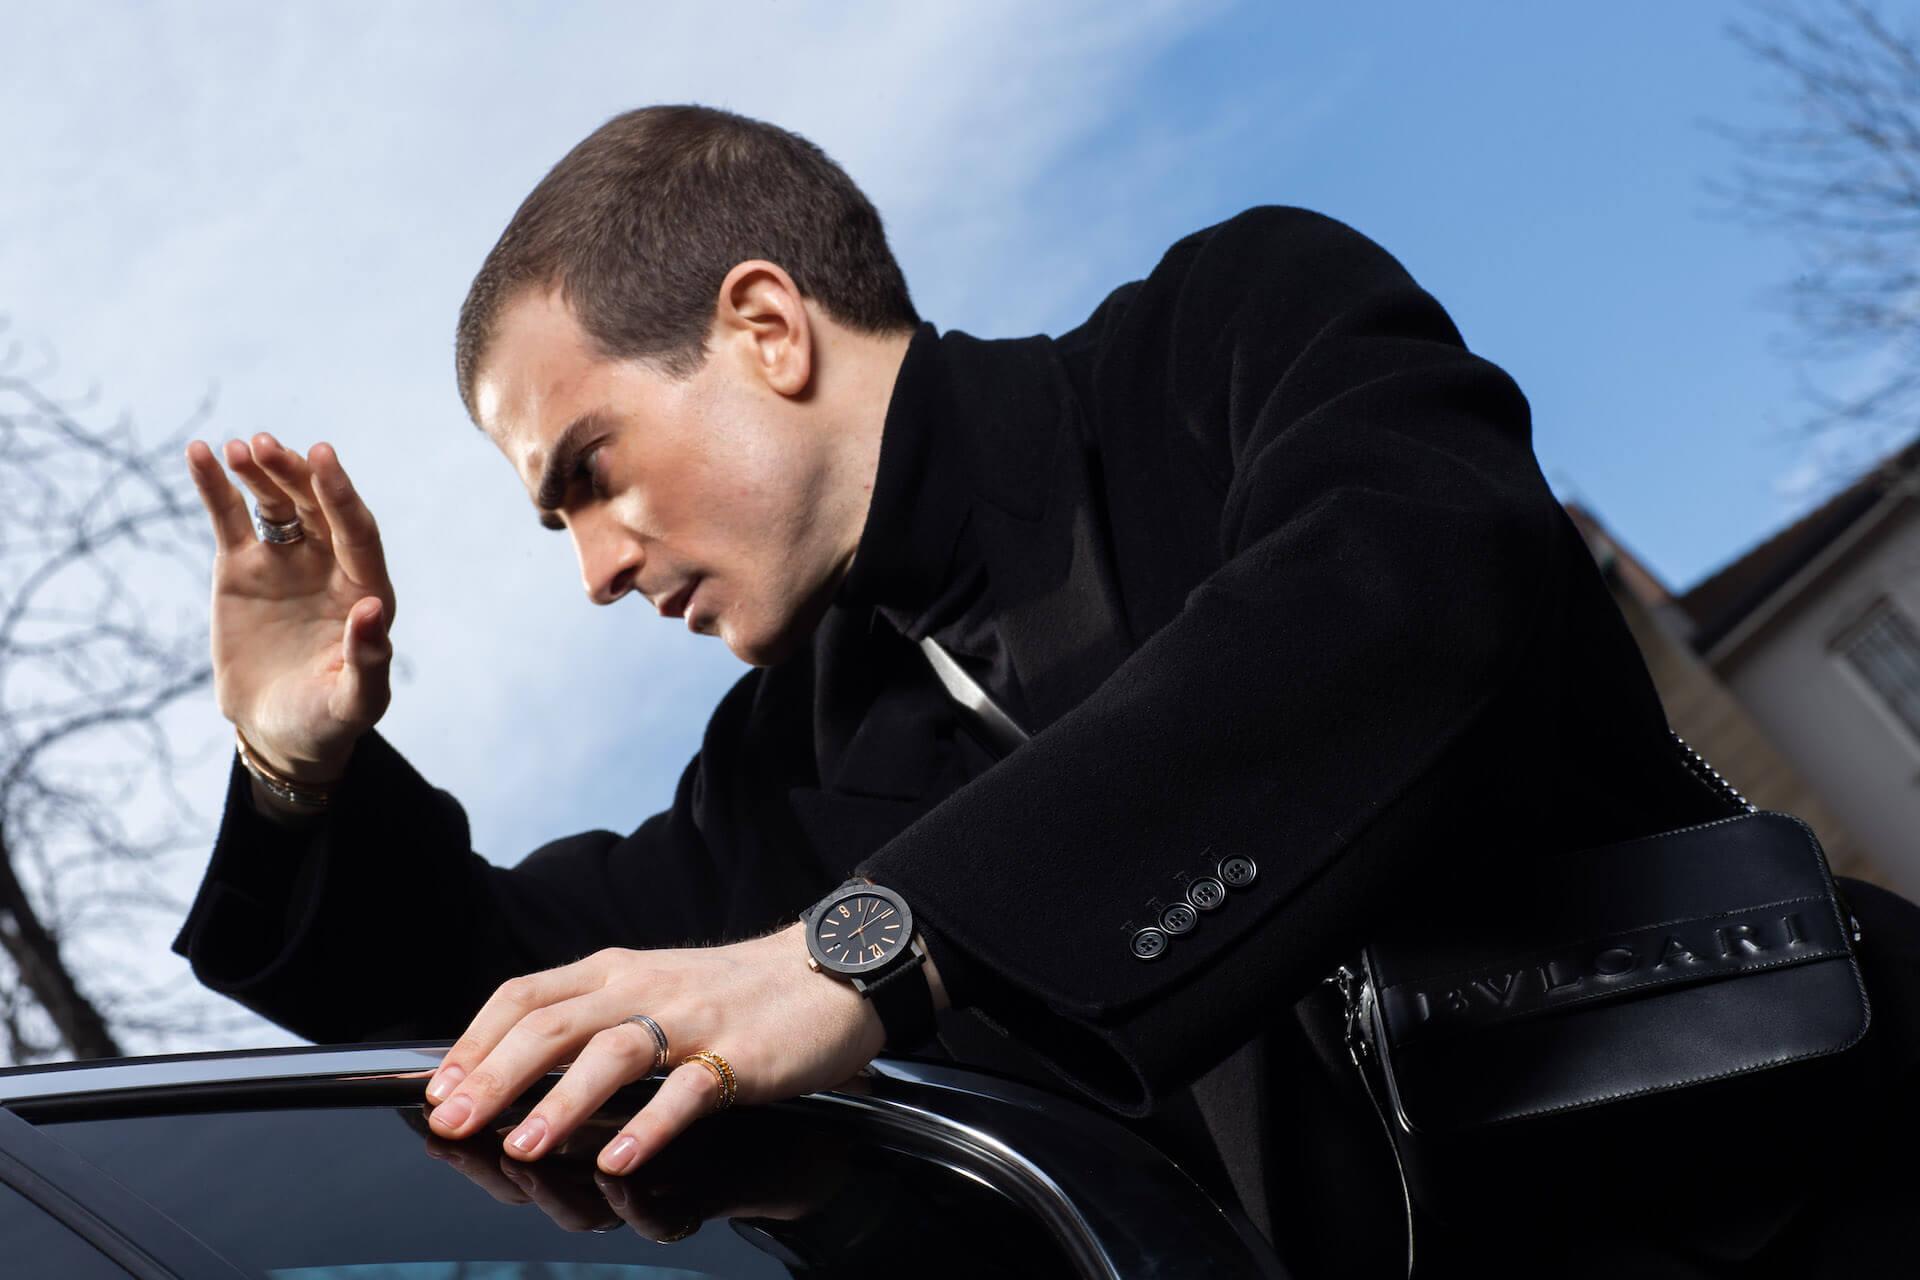 BVLGARIから腕時計「シティーズ限定モデル 2020」よりTOKYOモデルが先行発売決定!アートプリントが付属 lf200702_bvlgari_tokyowatch_10